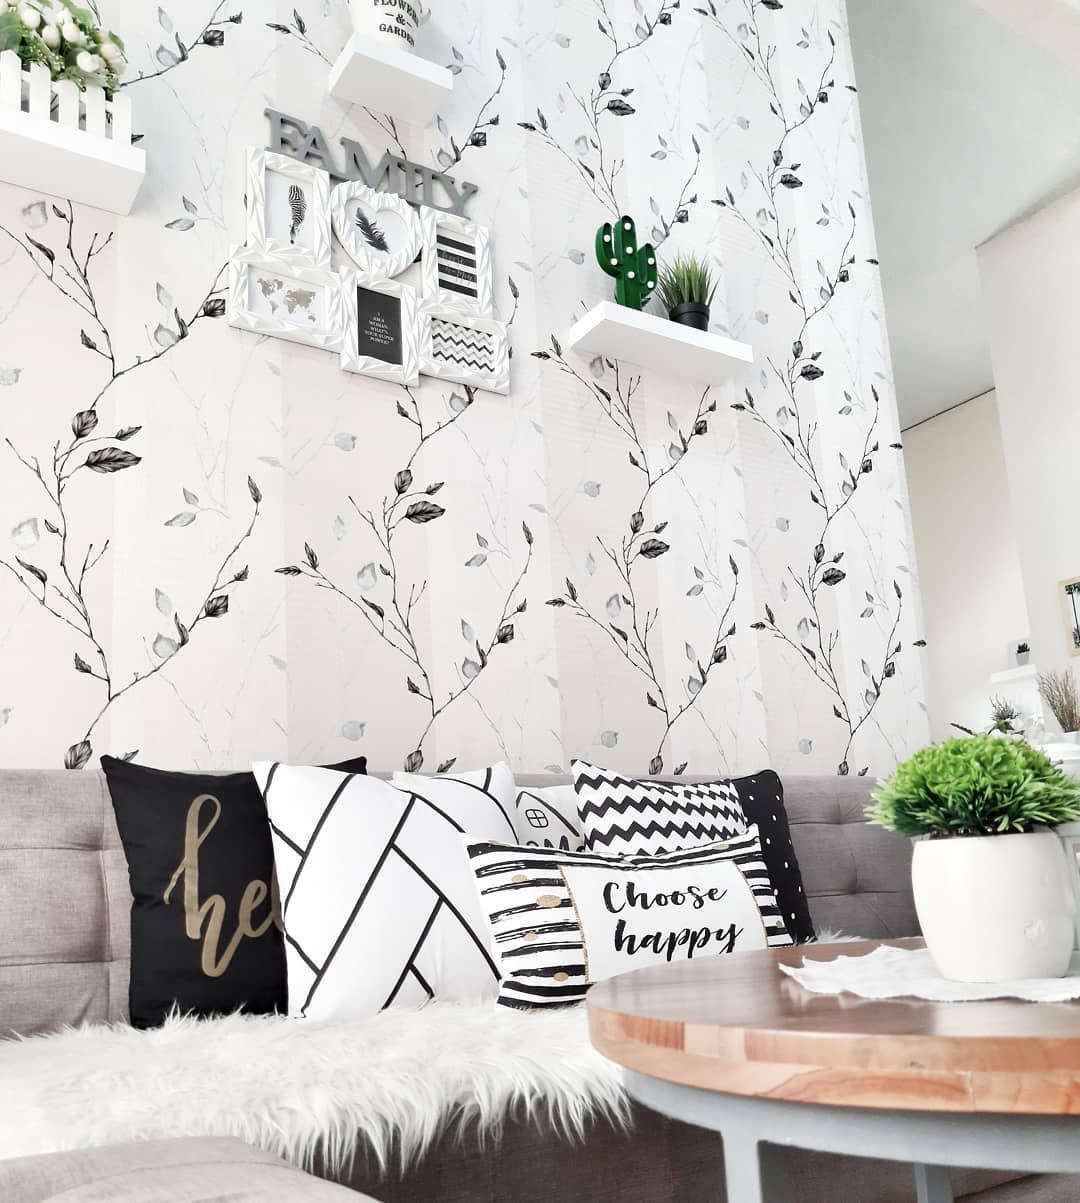 Wallpaper Dinding Ruang Tamu Minimalis Motif Pohon